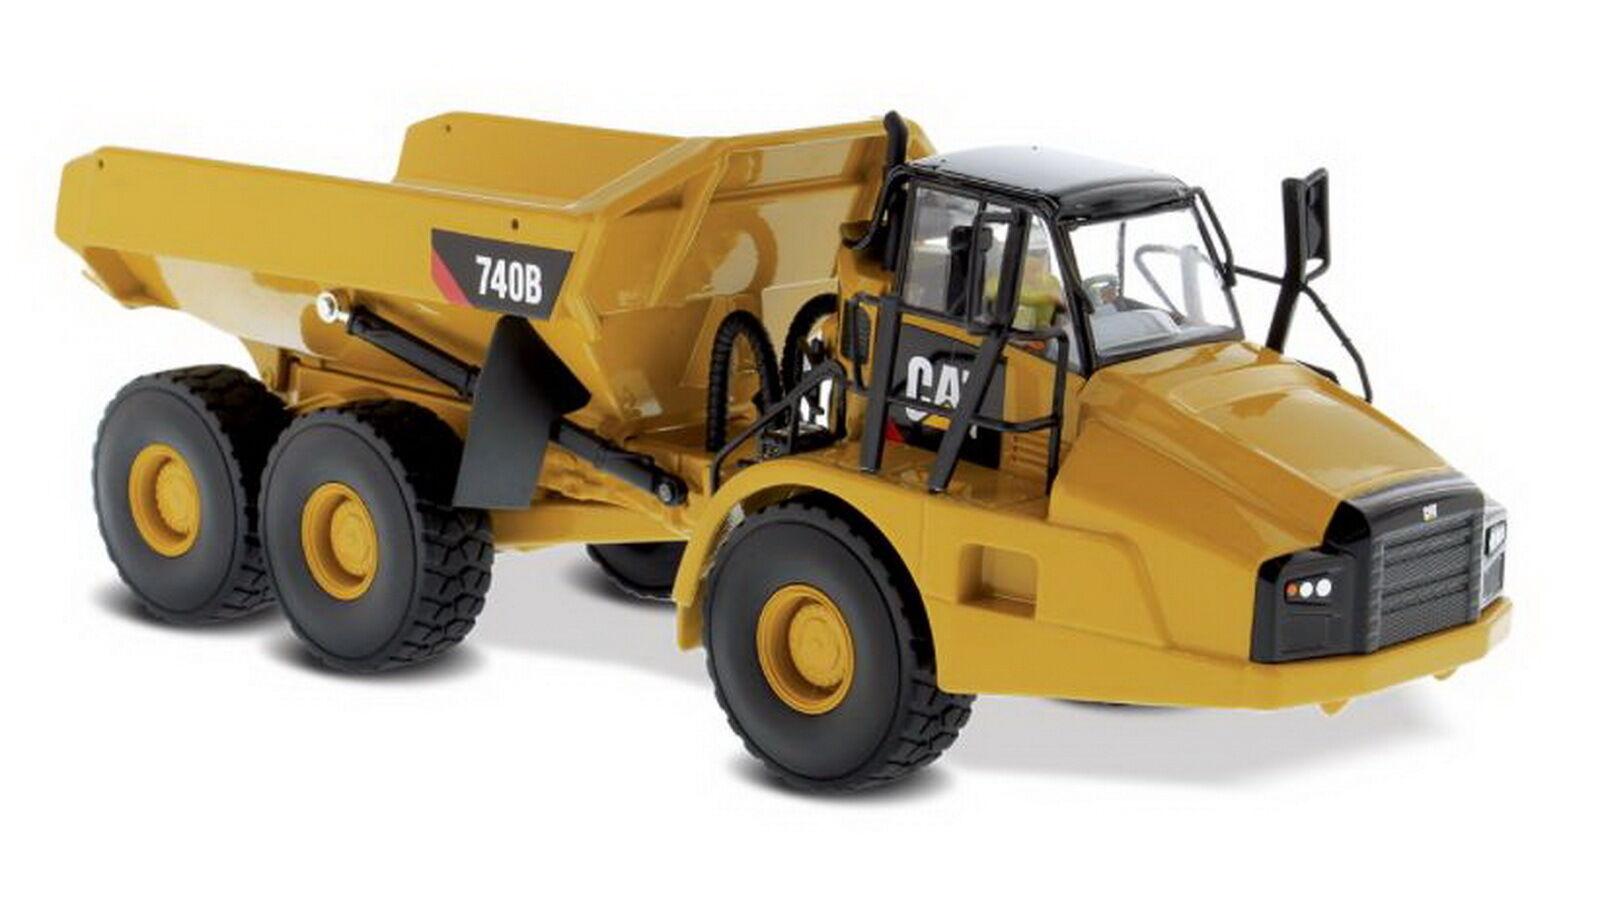 1/50 DM Caterpillar CAT 740B CAMION ARTICOLATO Modello Diecast #85501